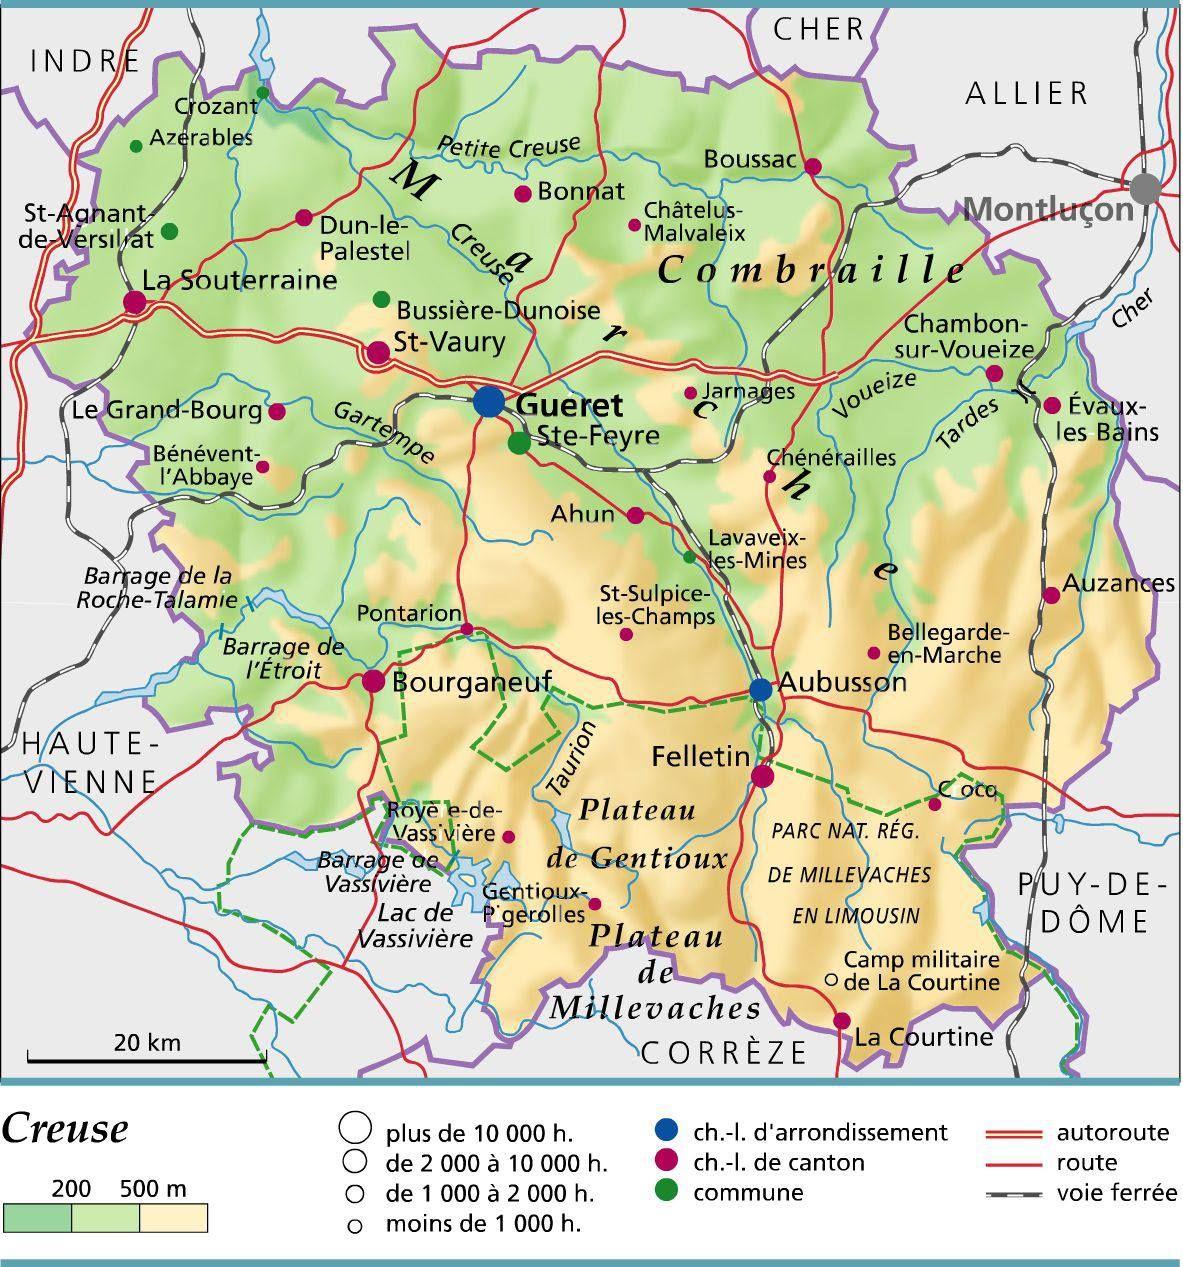 Carte De La Creuse - Creuse Carte Du Département 23 - Villes concernant Carte Départementale De La France